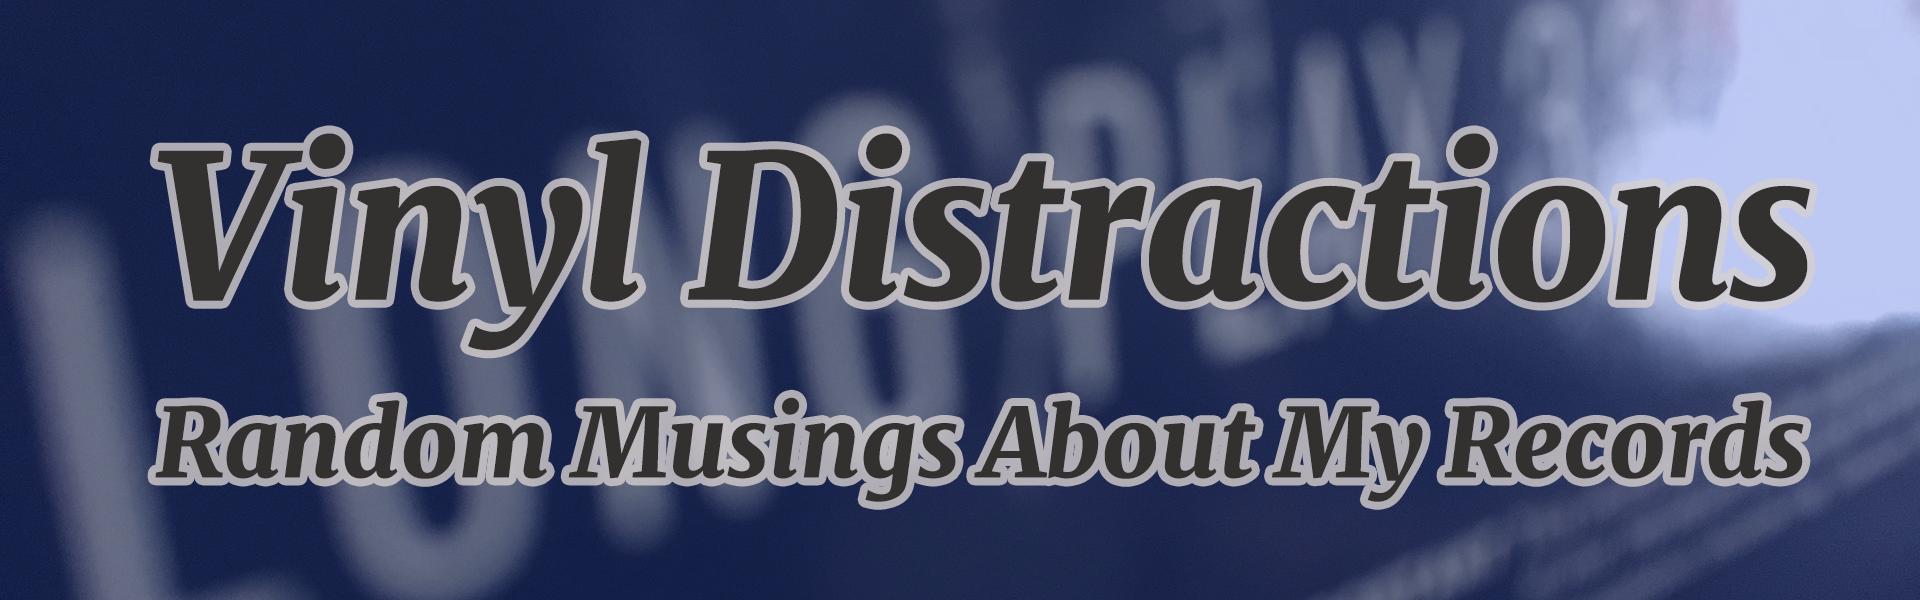 Vinyl Distractions